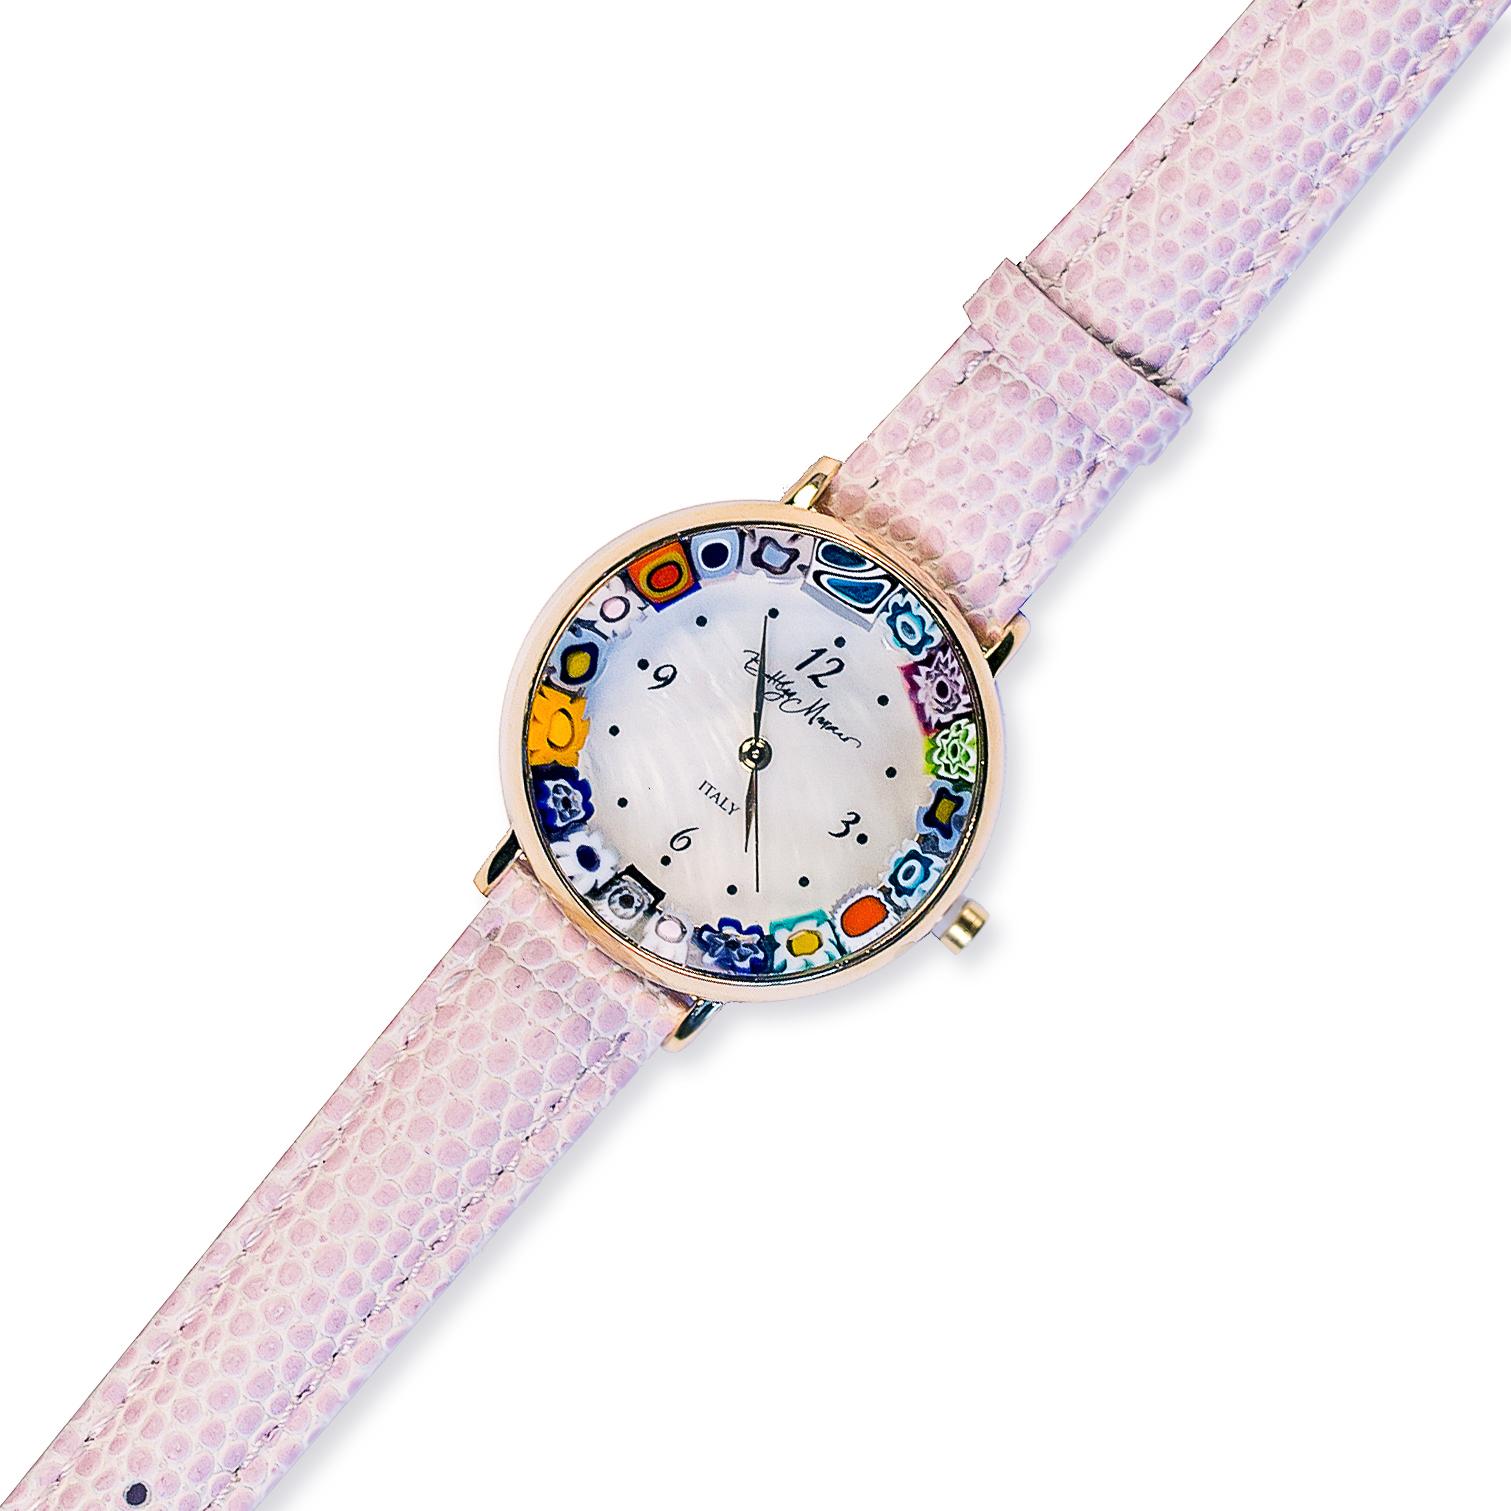 Часы из муранского стекла наручные розовые на золотой оправе